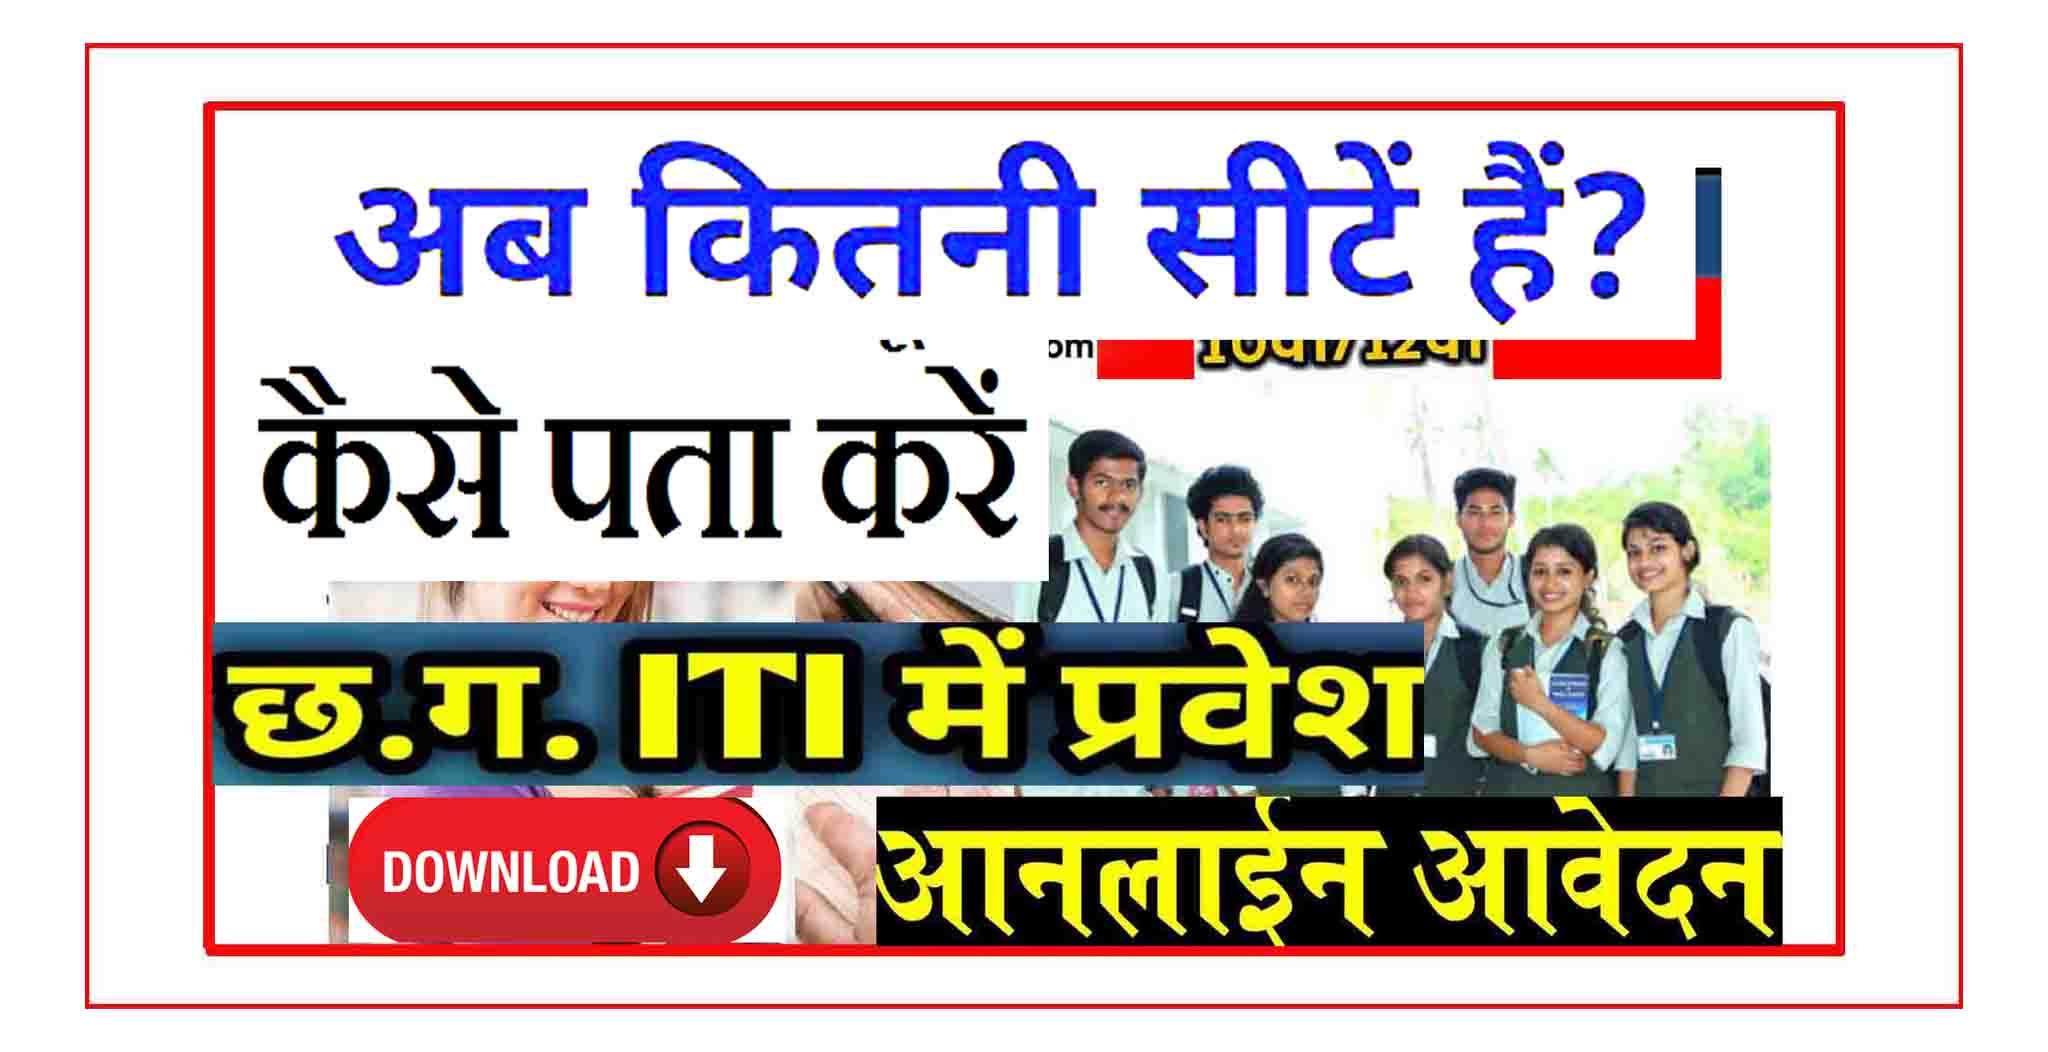 Photo of छत्तीसगढ़ आईटीआई 2020 Chhattisgarh CG ITI में खाली सीटों की संख्या कैसे पता करें ?